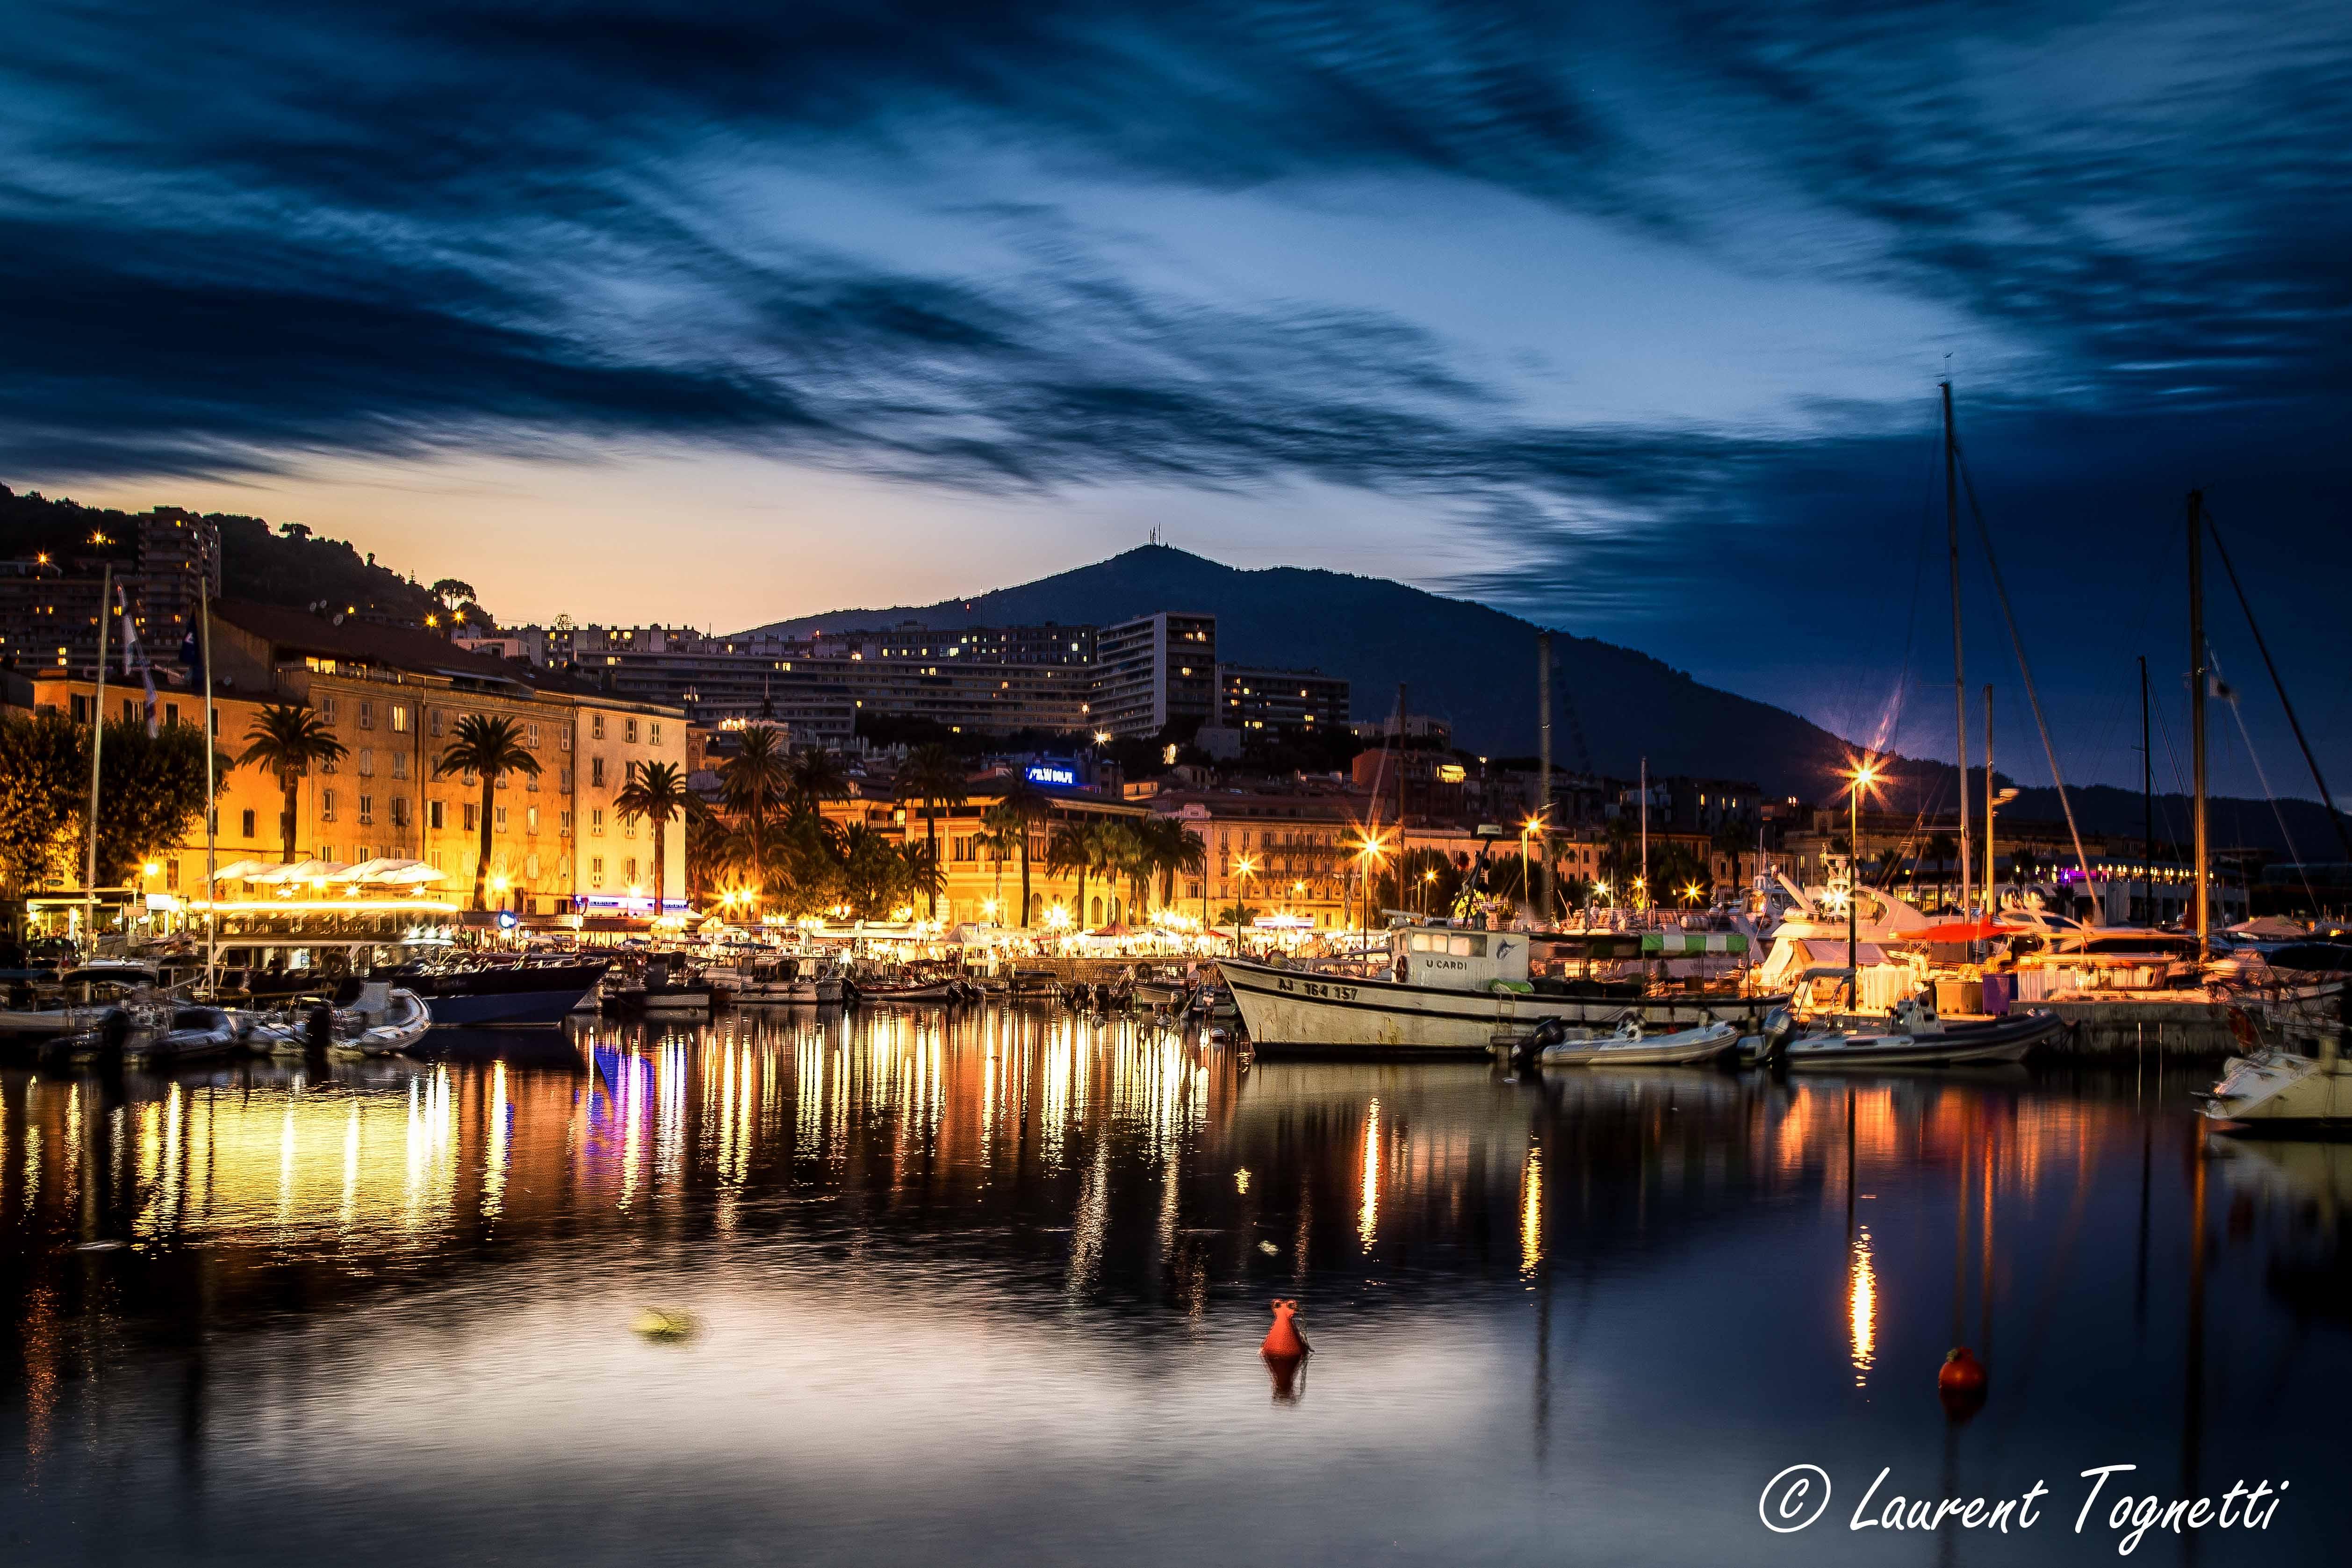 Fond d 39 cran paysage bateau le coucher du soleil mer ville paysage urbain nuit lac eau - Office du tourisme d ajaccio ...